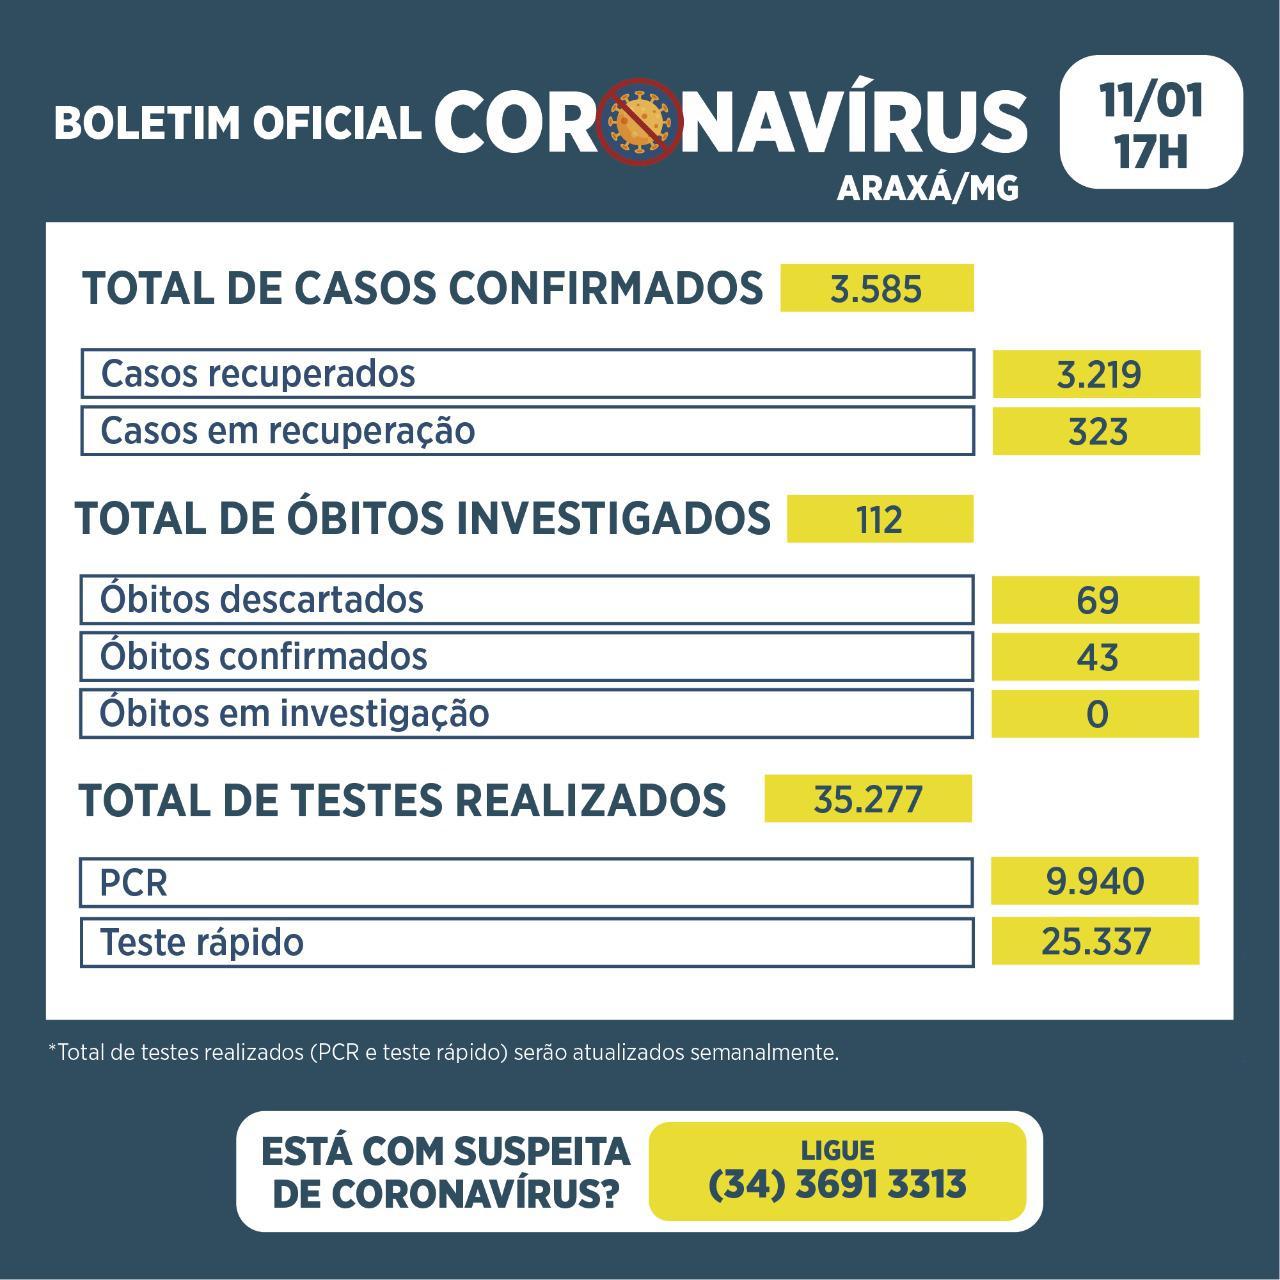 Boletim registra 88 novos casos de Covid-19 e 7 recuperados 2